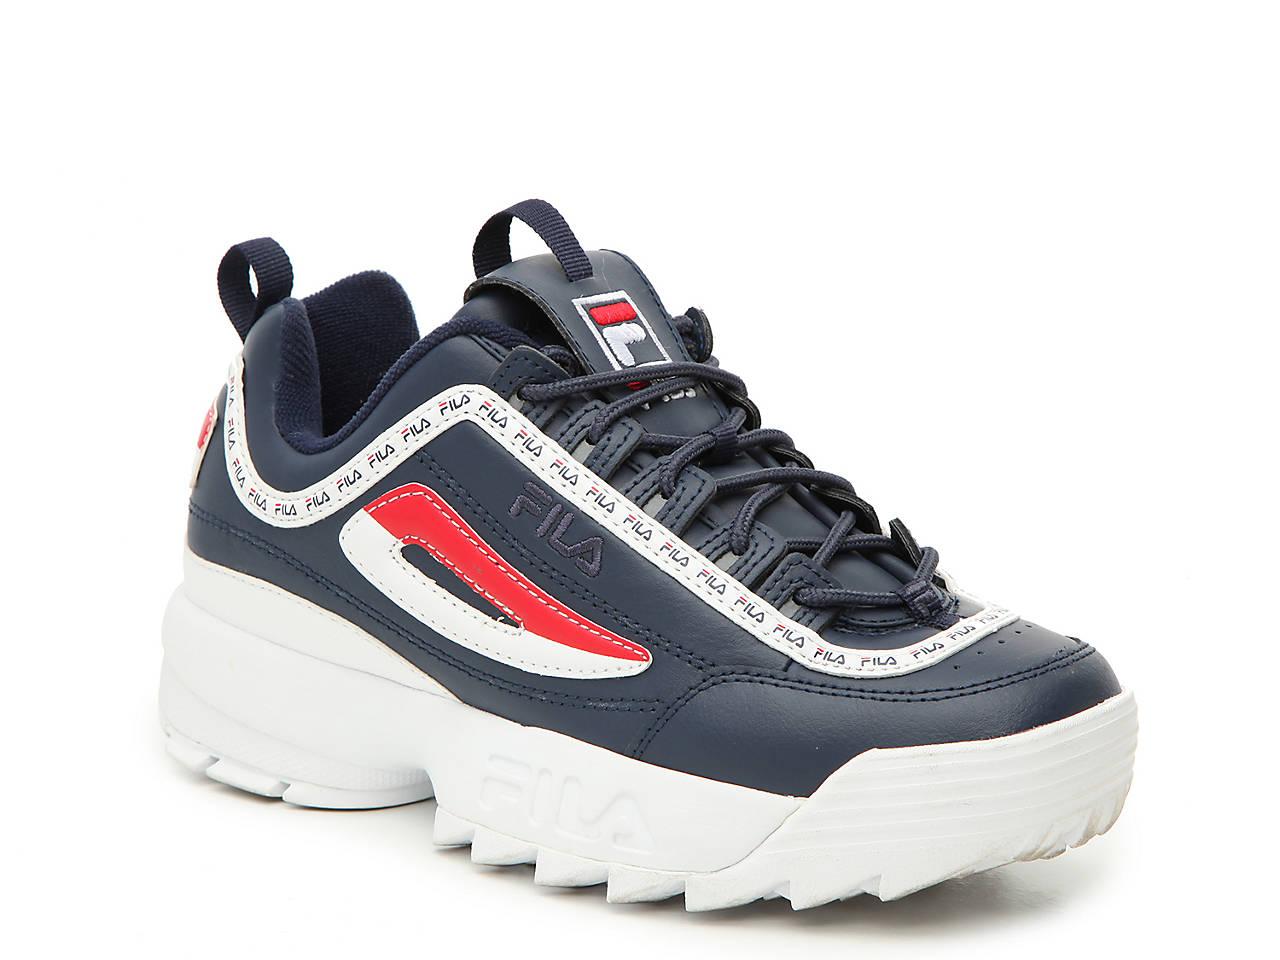 c4907f5db359 Fila Distruptor II Sneaker - Women s Women s Shoes